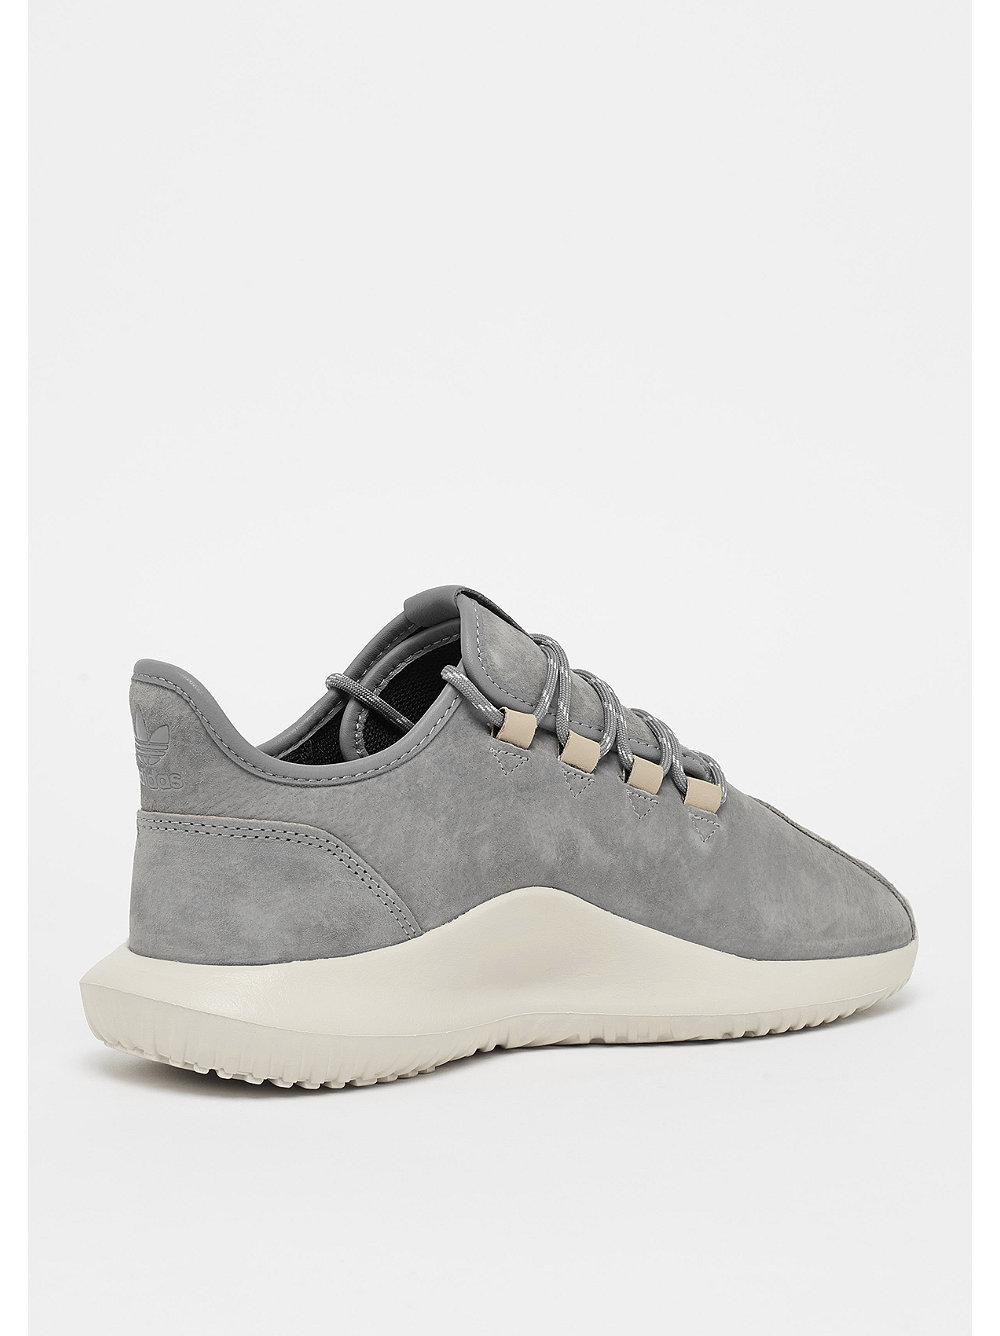 Adidas Tubular Shadow Grey Three Grey Three Clear Brown